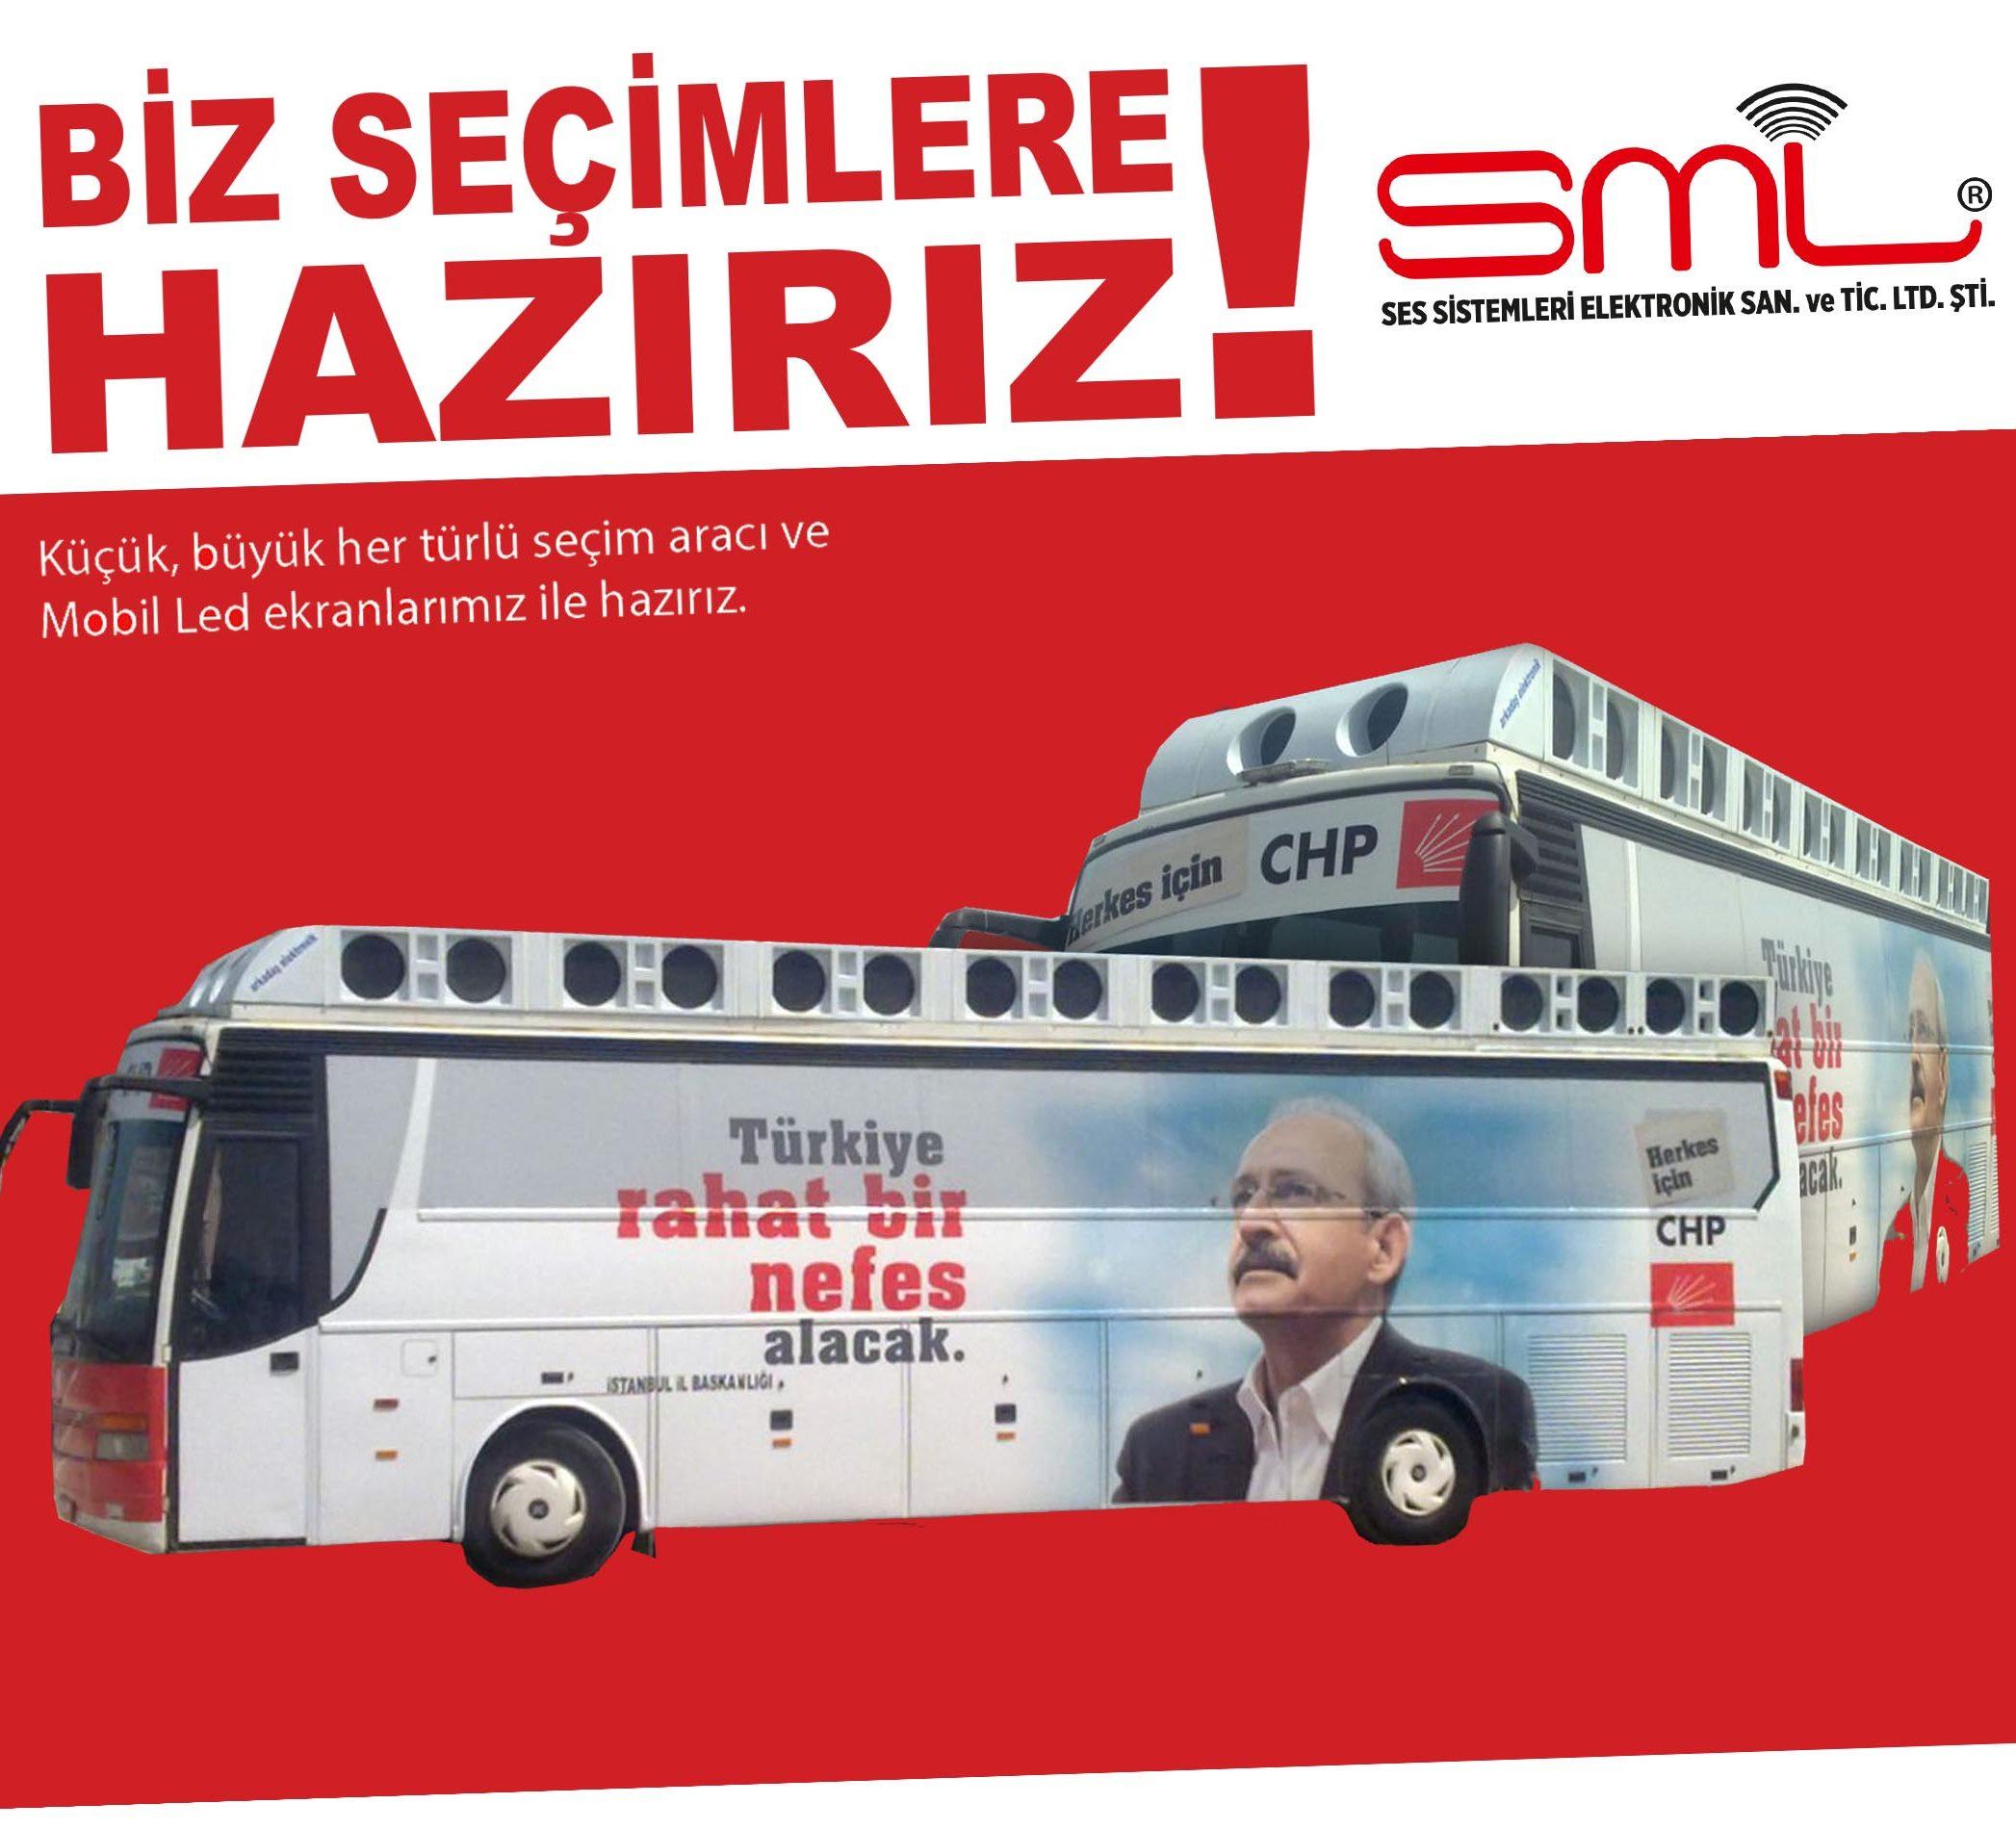 seçim çalışmaları için seçim otobüsleri